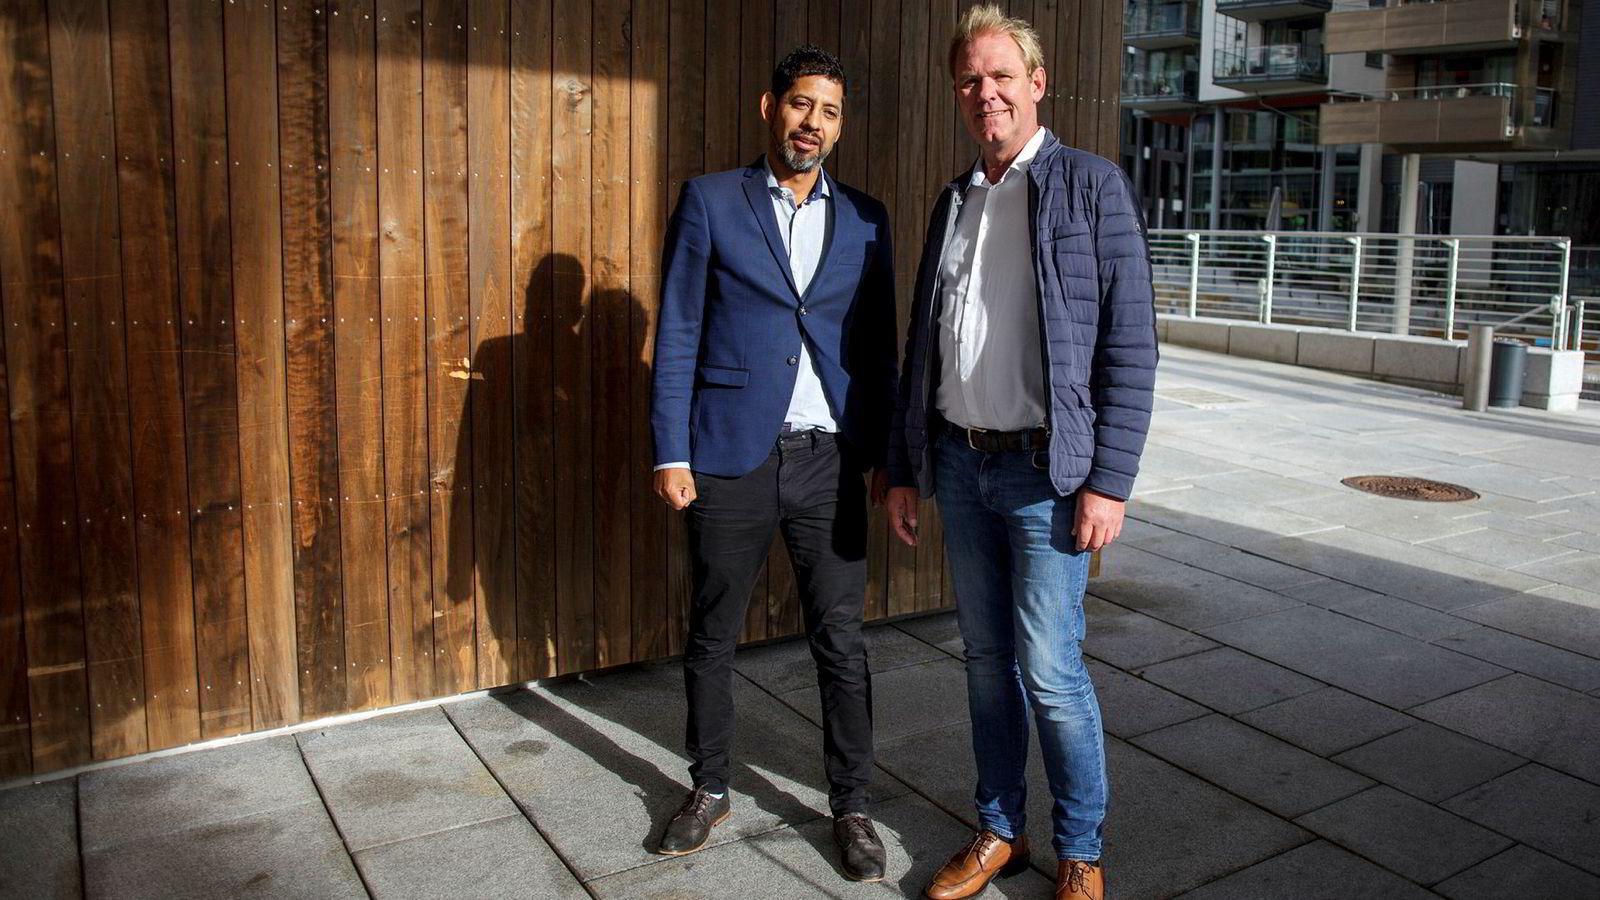 Håkon Wåge-Lorentzen (til venstre) i Fotspor Event slår seg sammen med Finn Vetle Hansen i G Travel for å møte stadig mer krevende kurs- og konferansekunder.